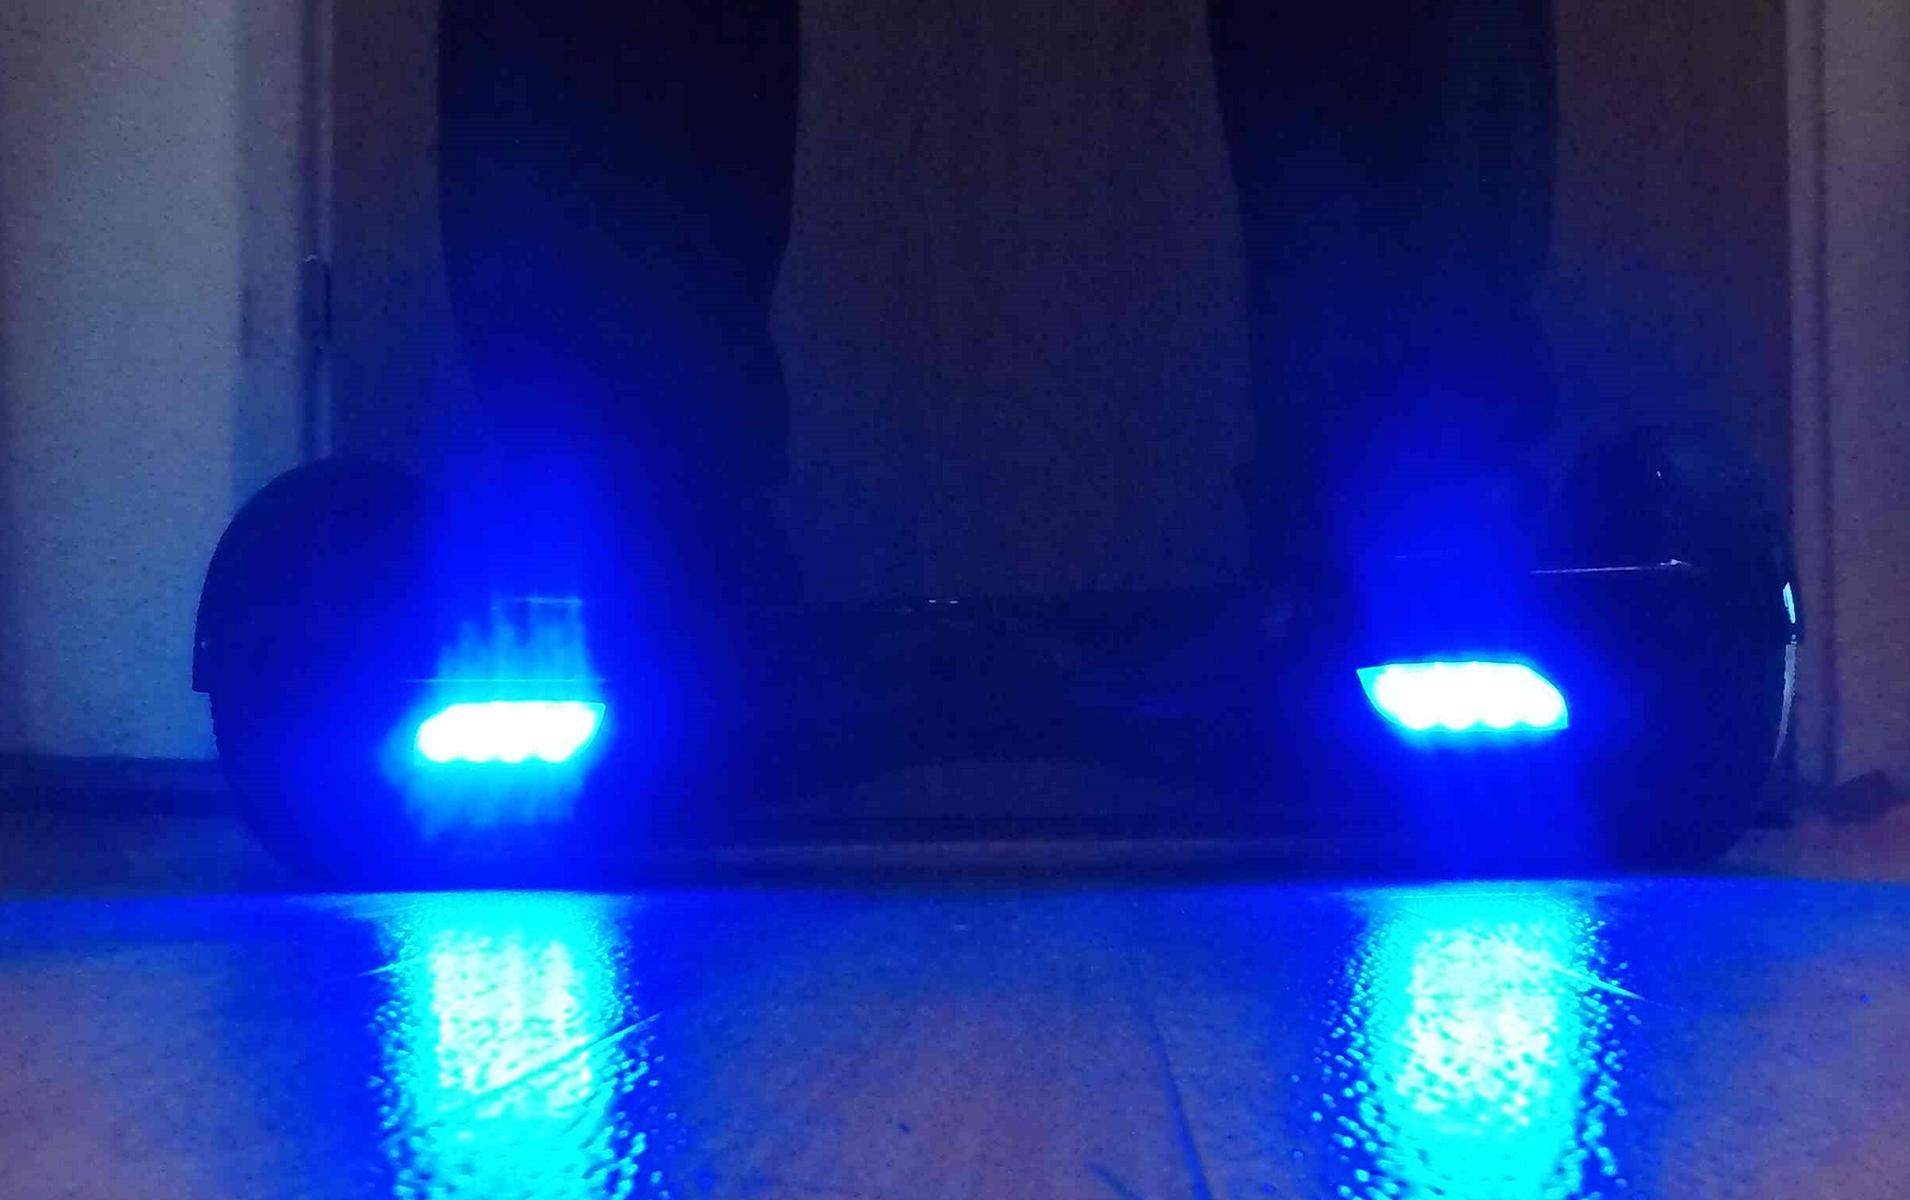 10 iconbit hoverboard blau im praxistest tolles design. Black Bedroom Furniture Sets. Home Design Ideas